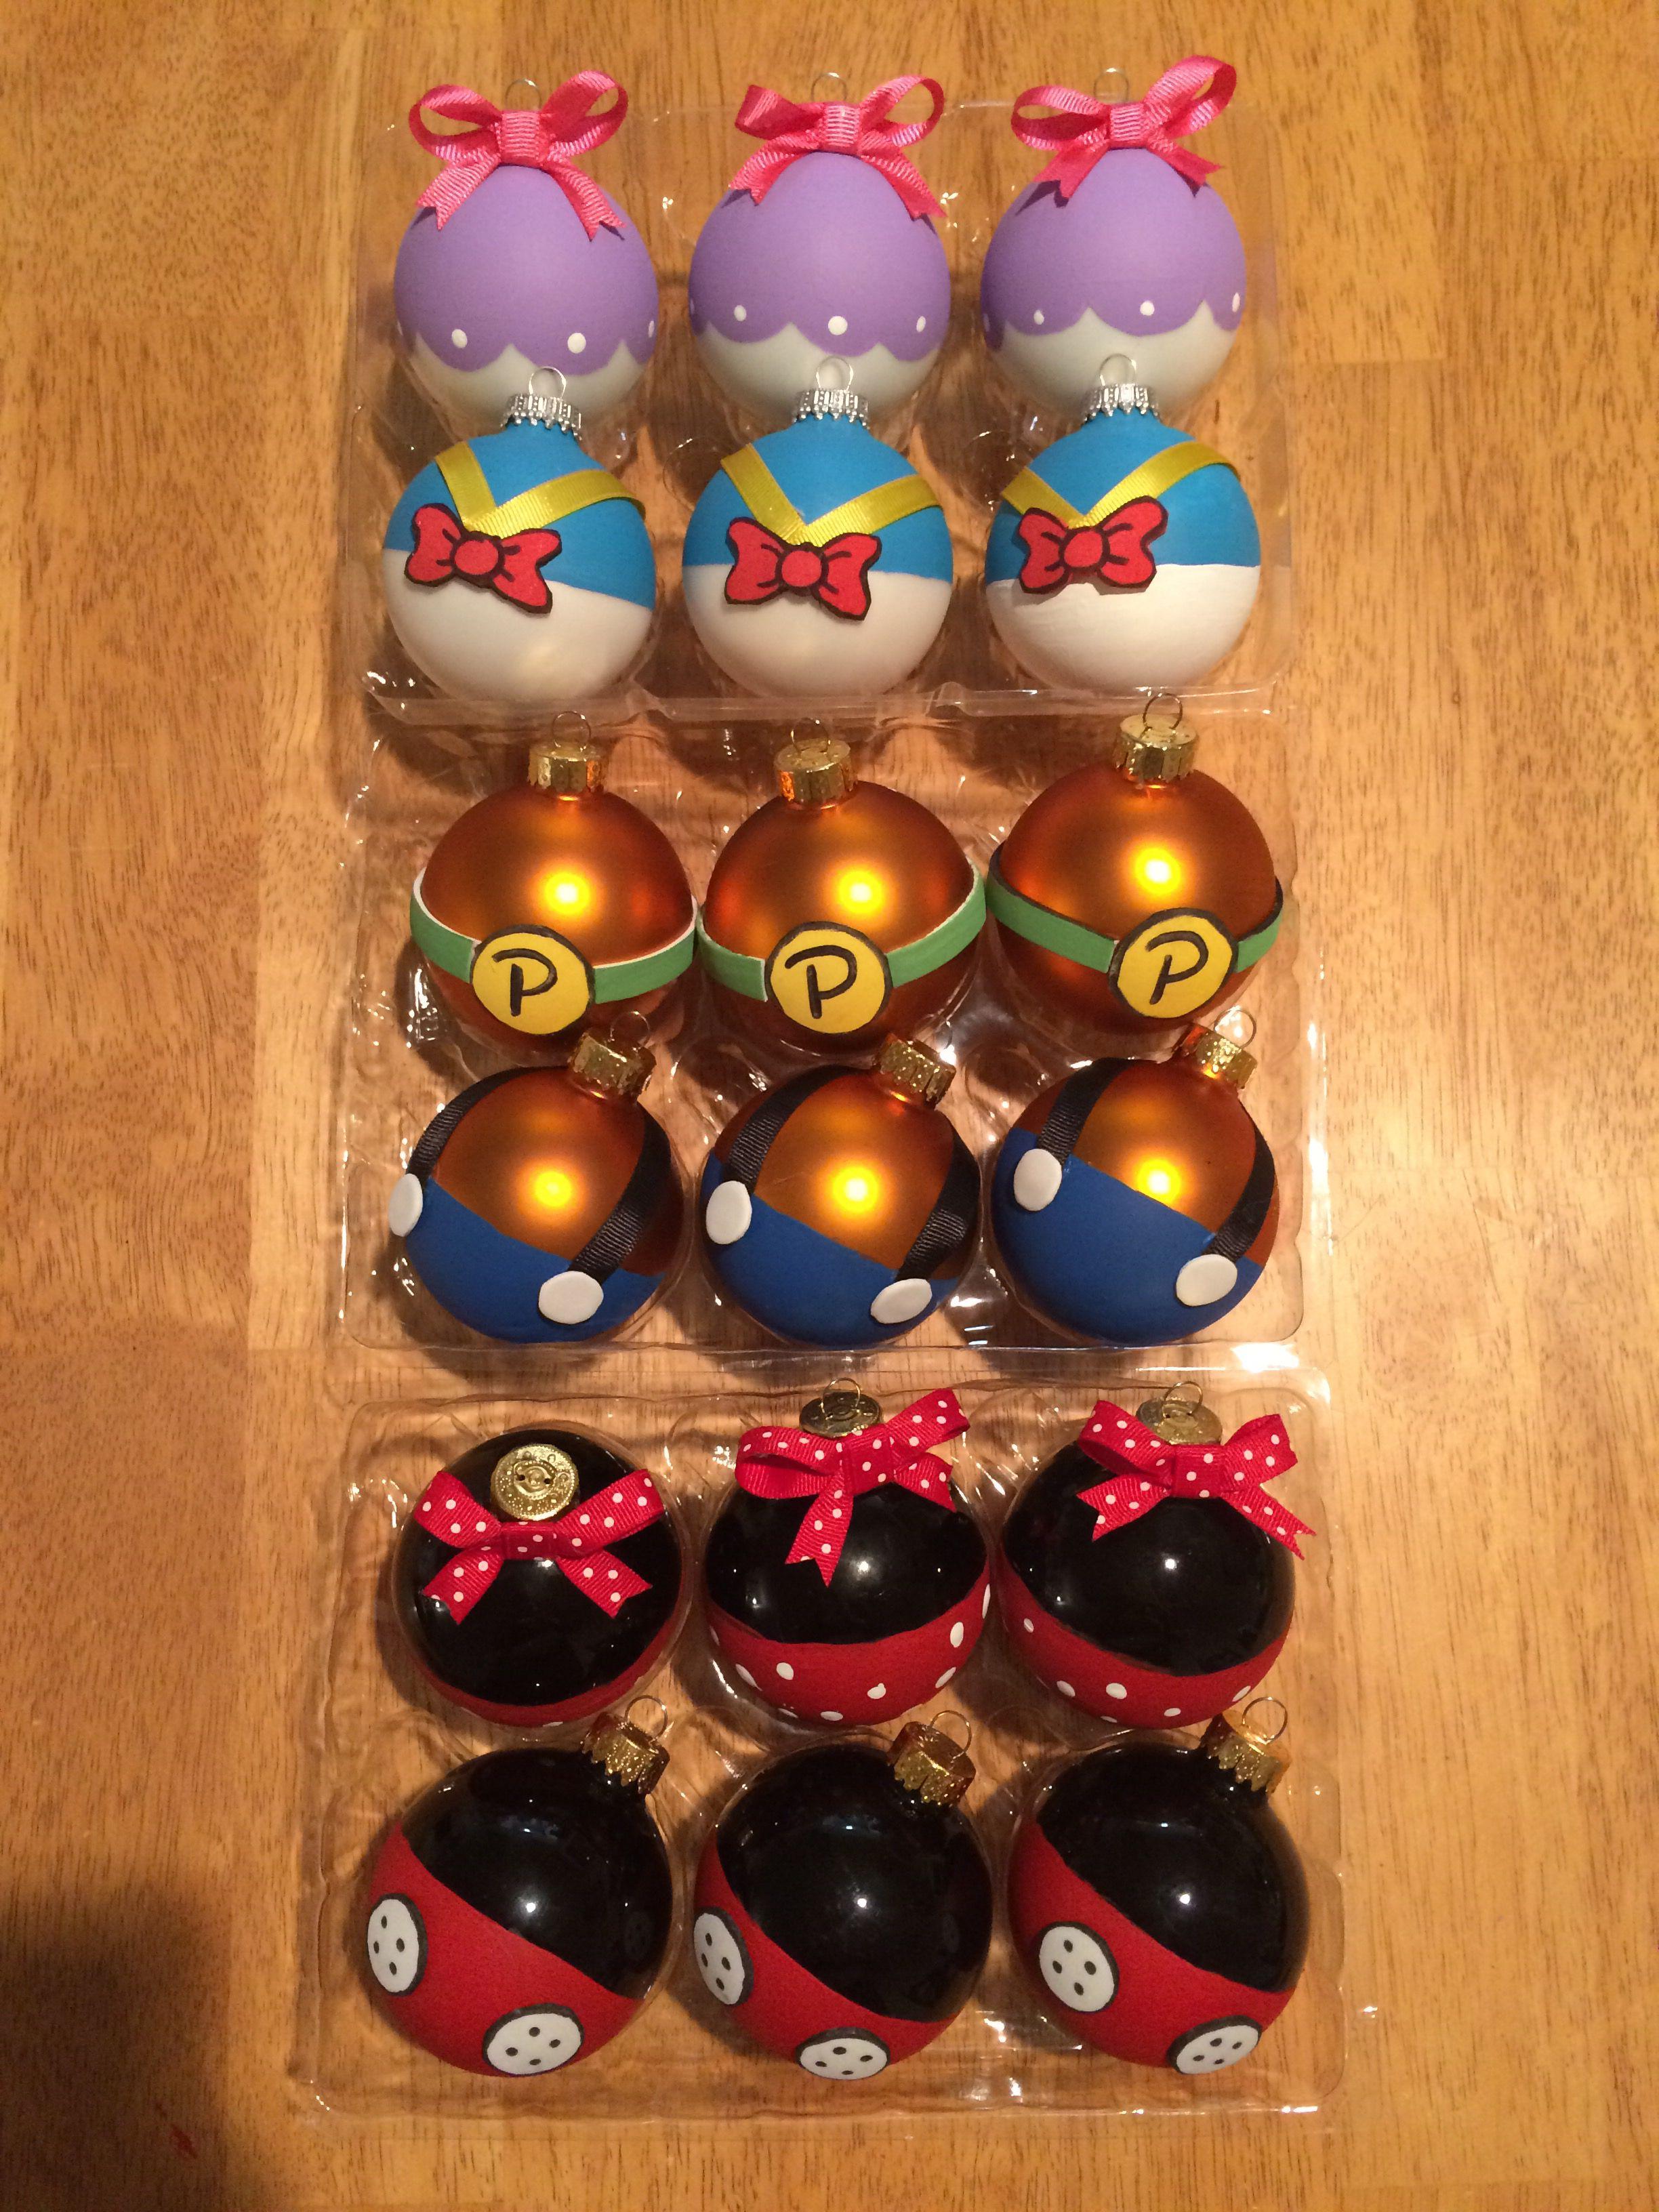 Diy Disney Character Ornaments Disney Diy Christmas Ornaments Disney Christmas Ornaments Disney Ornaments Diy